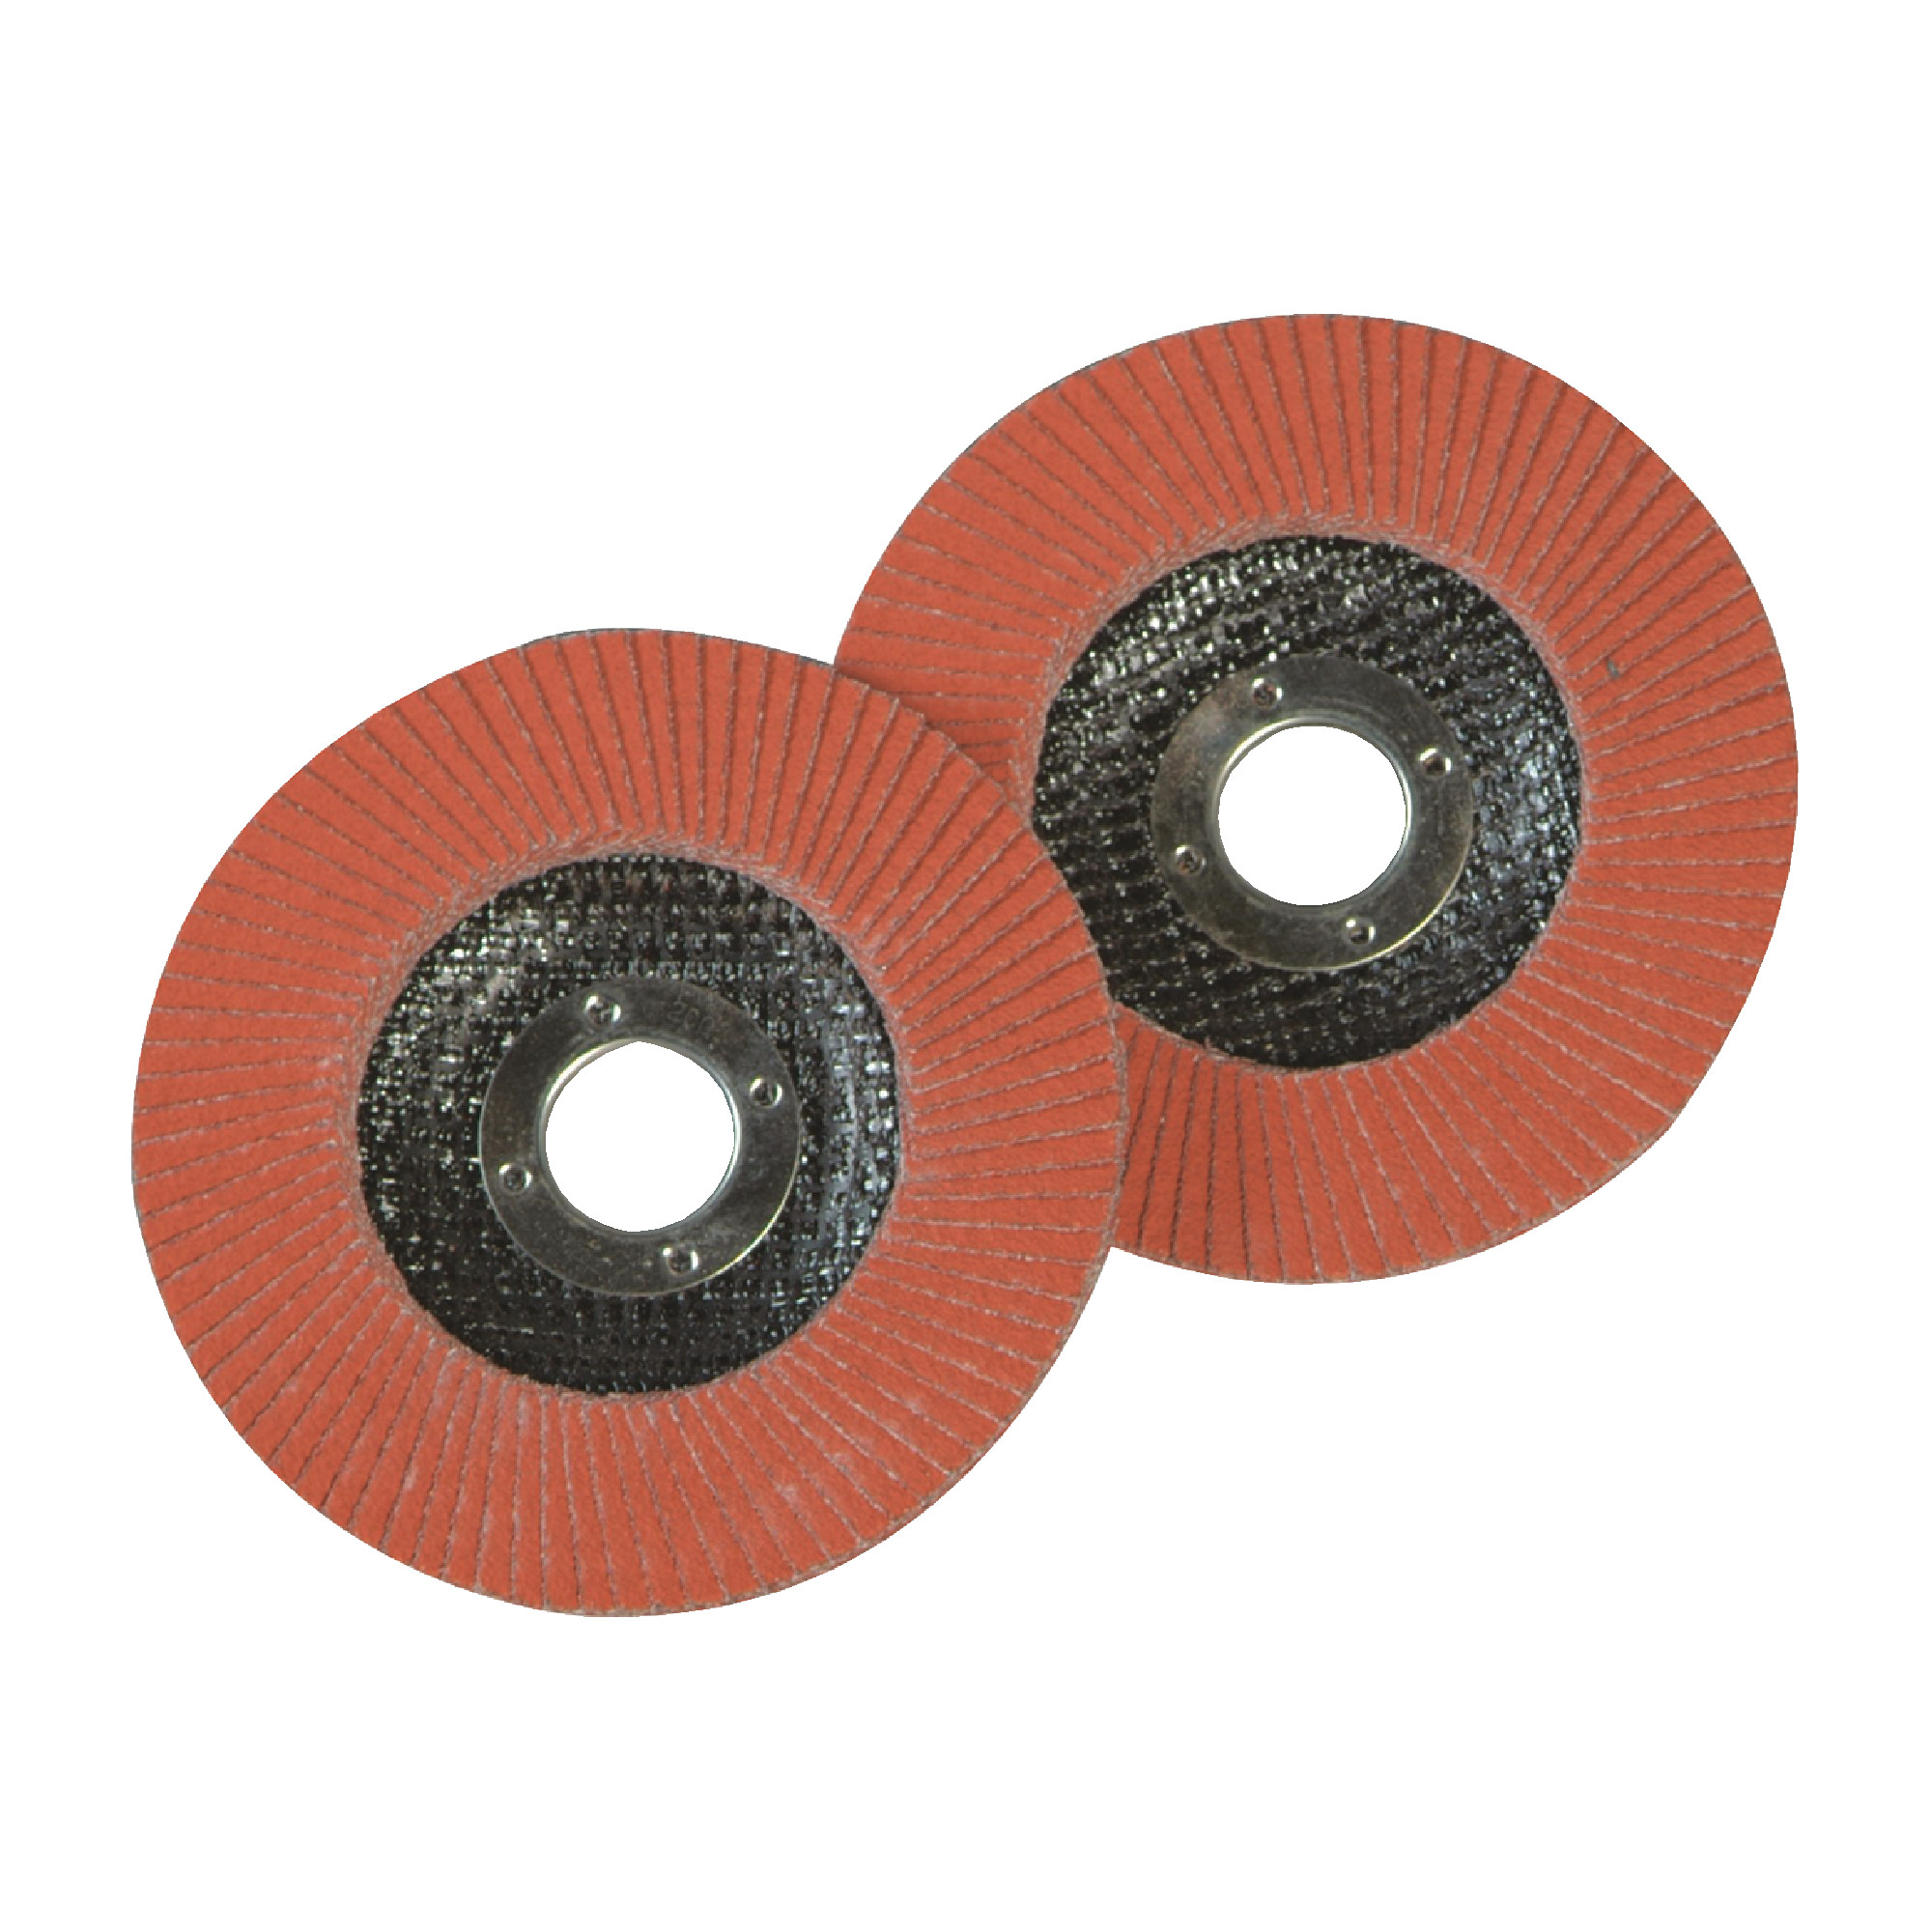 947D Flap Discs